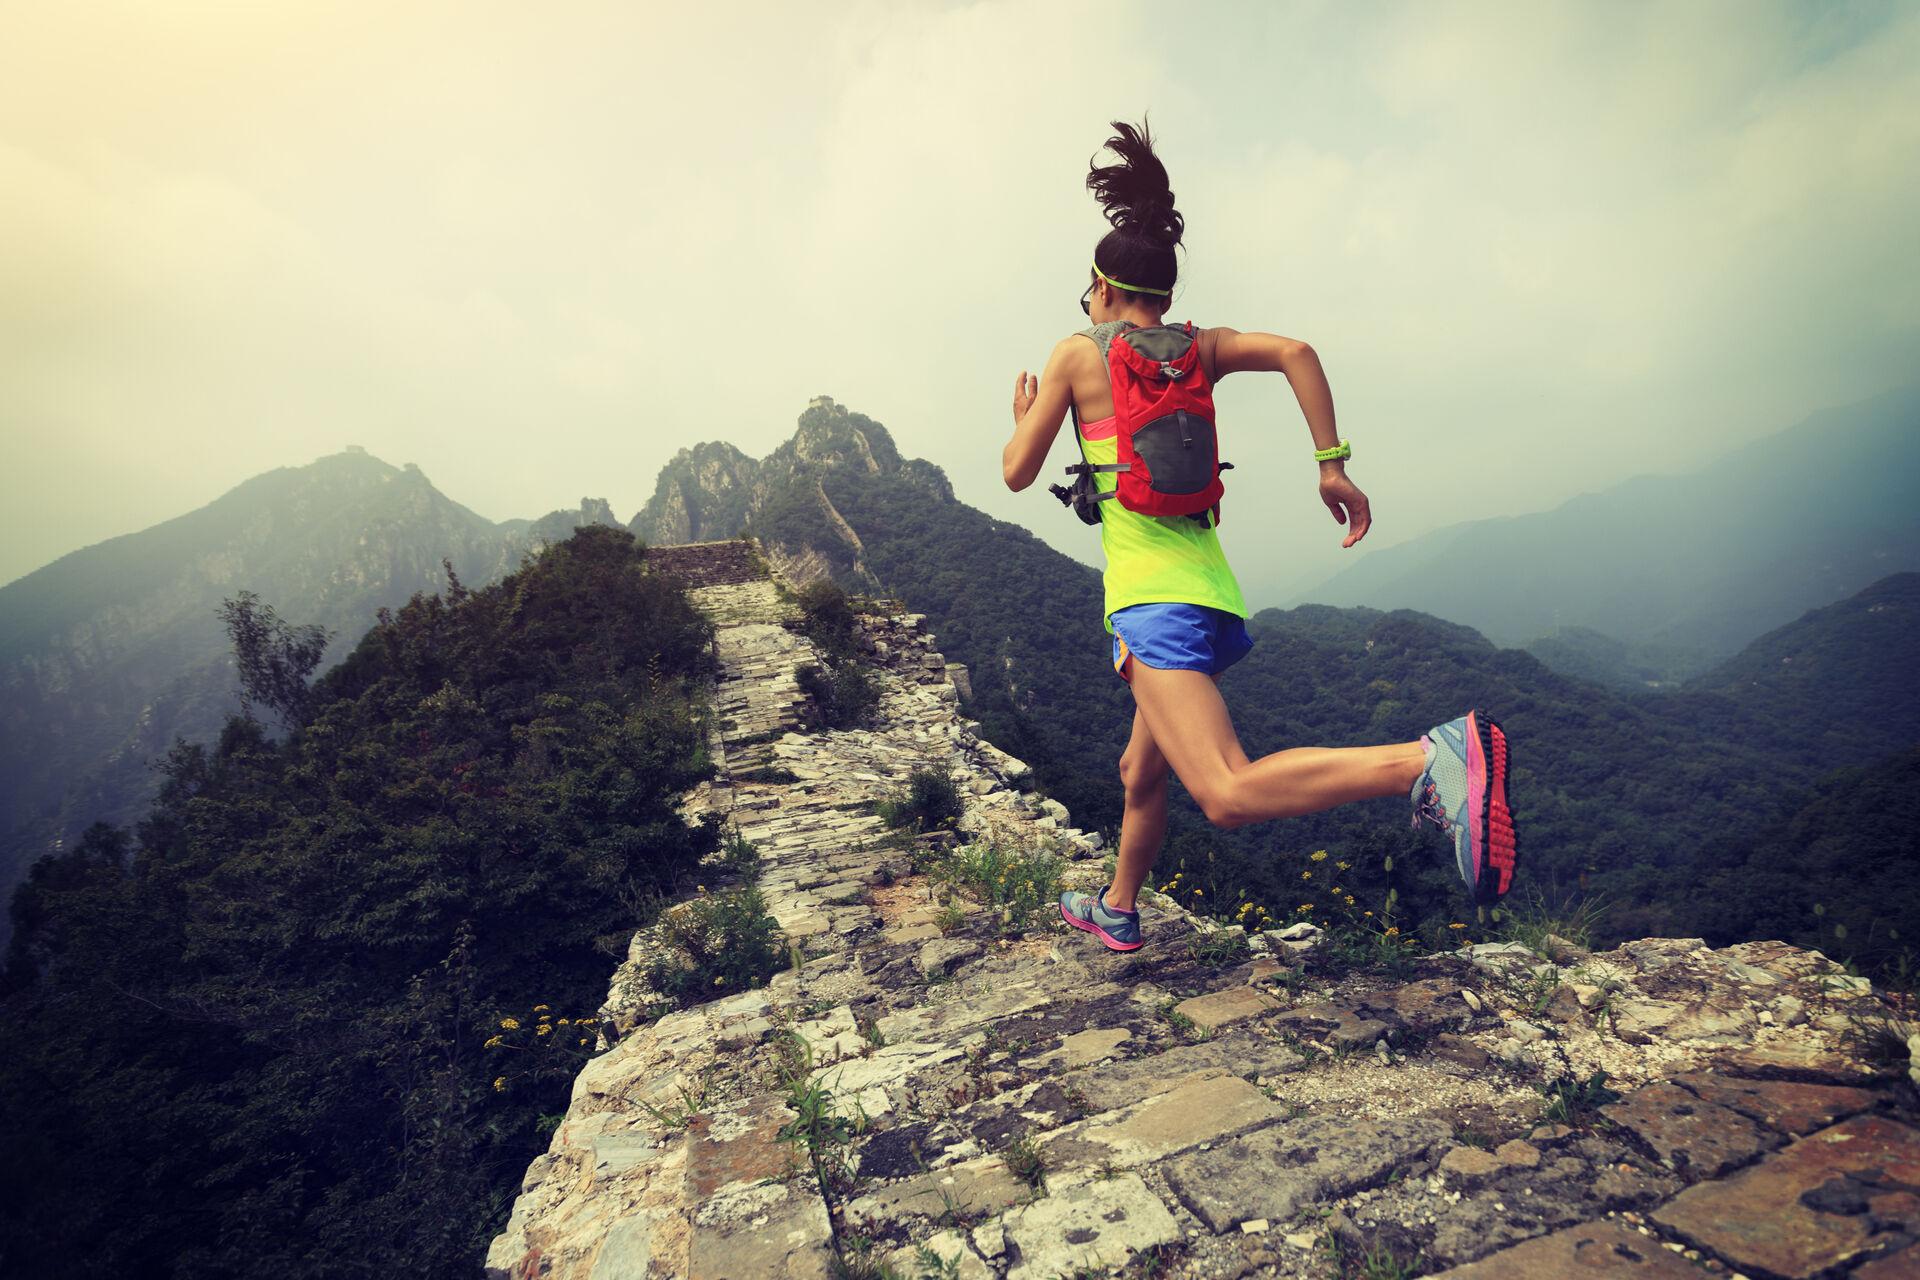 Marathonläuferin auf der Chinesischen Mauer